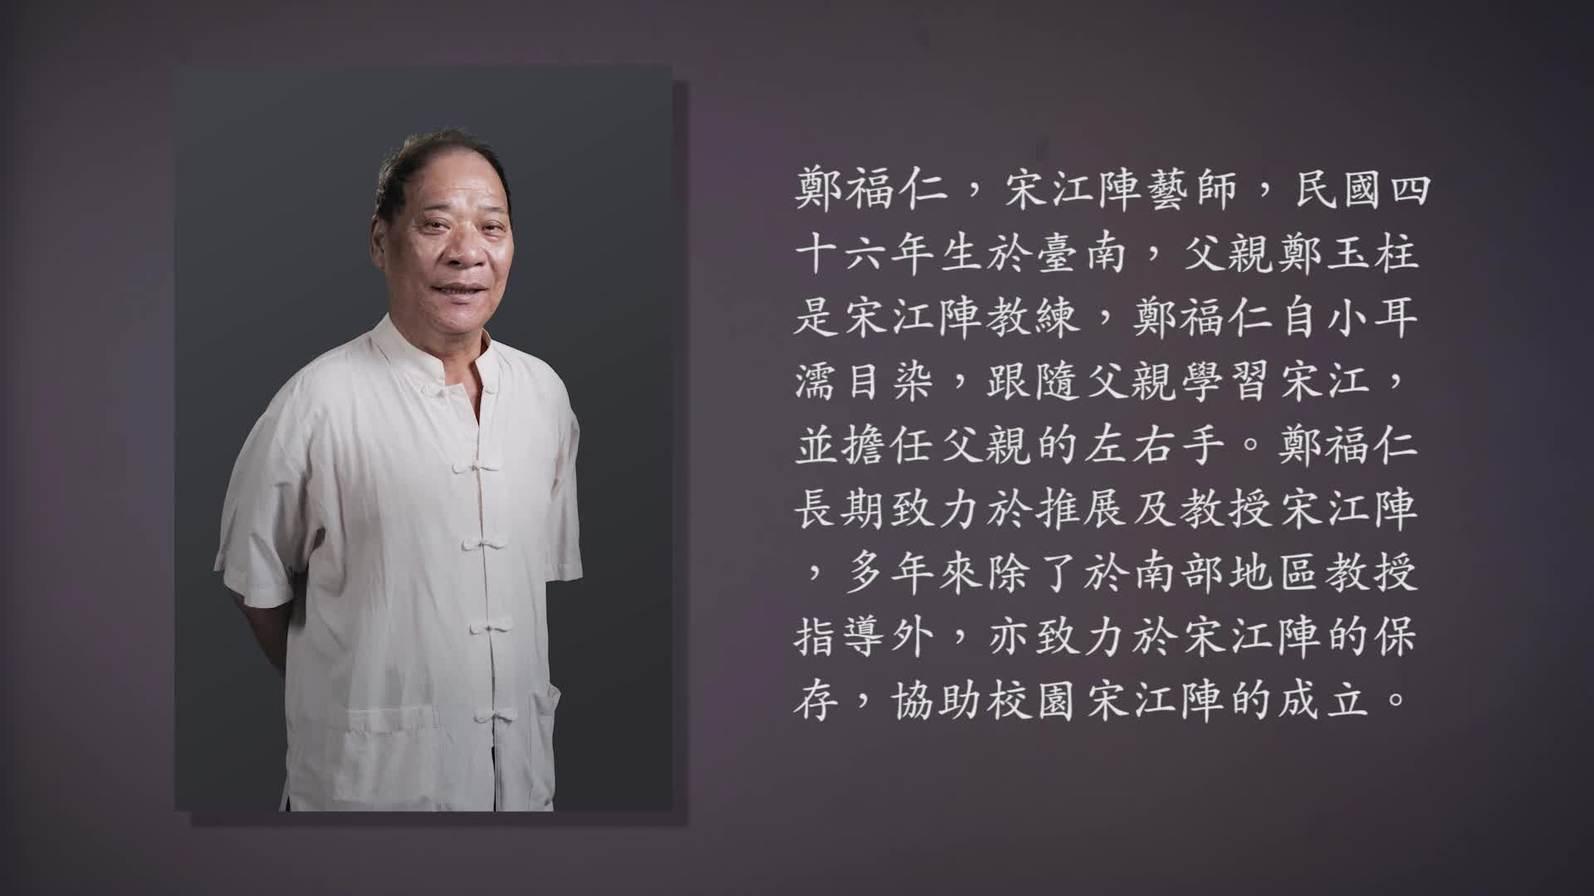 技藝.記憶-傳統藝術藝人口述歷史影像紀錄計畫-鄭福仁精華片段